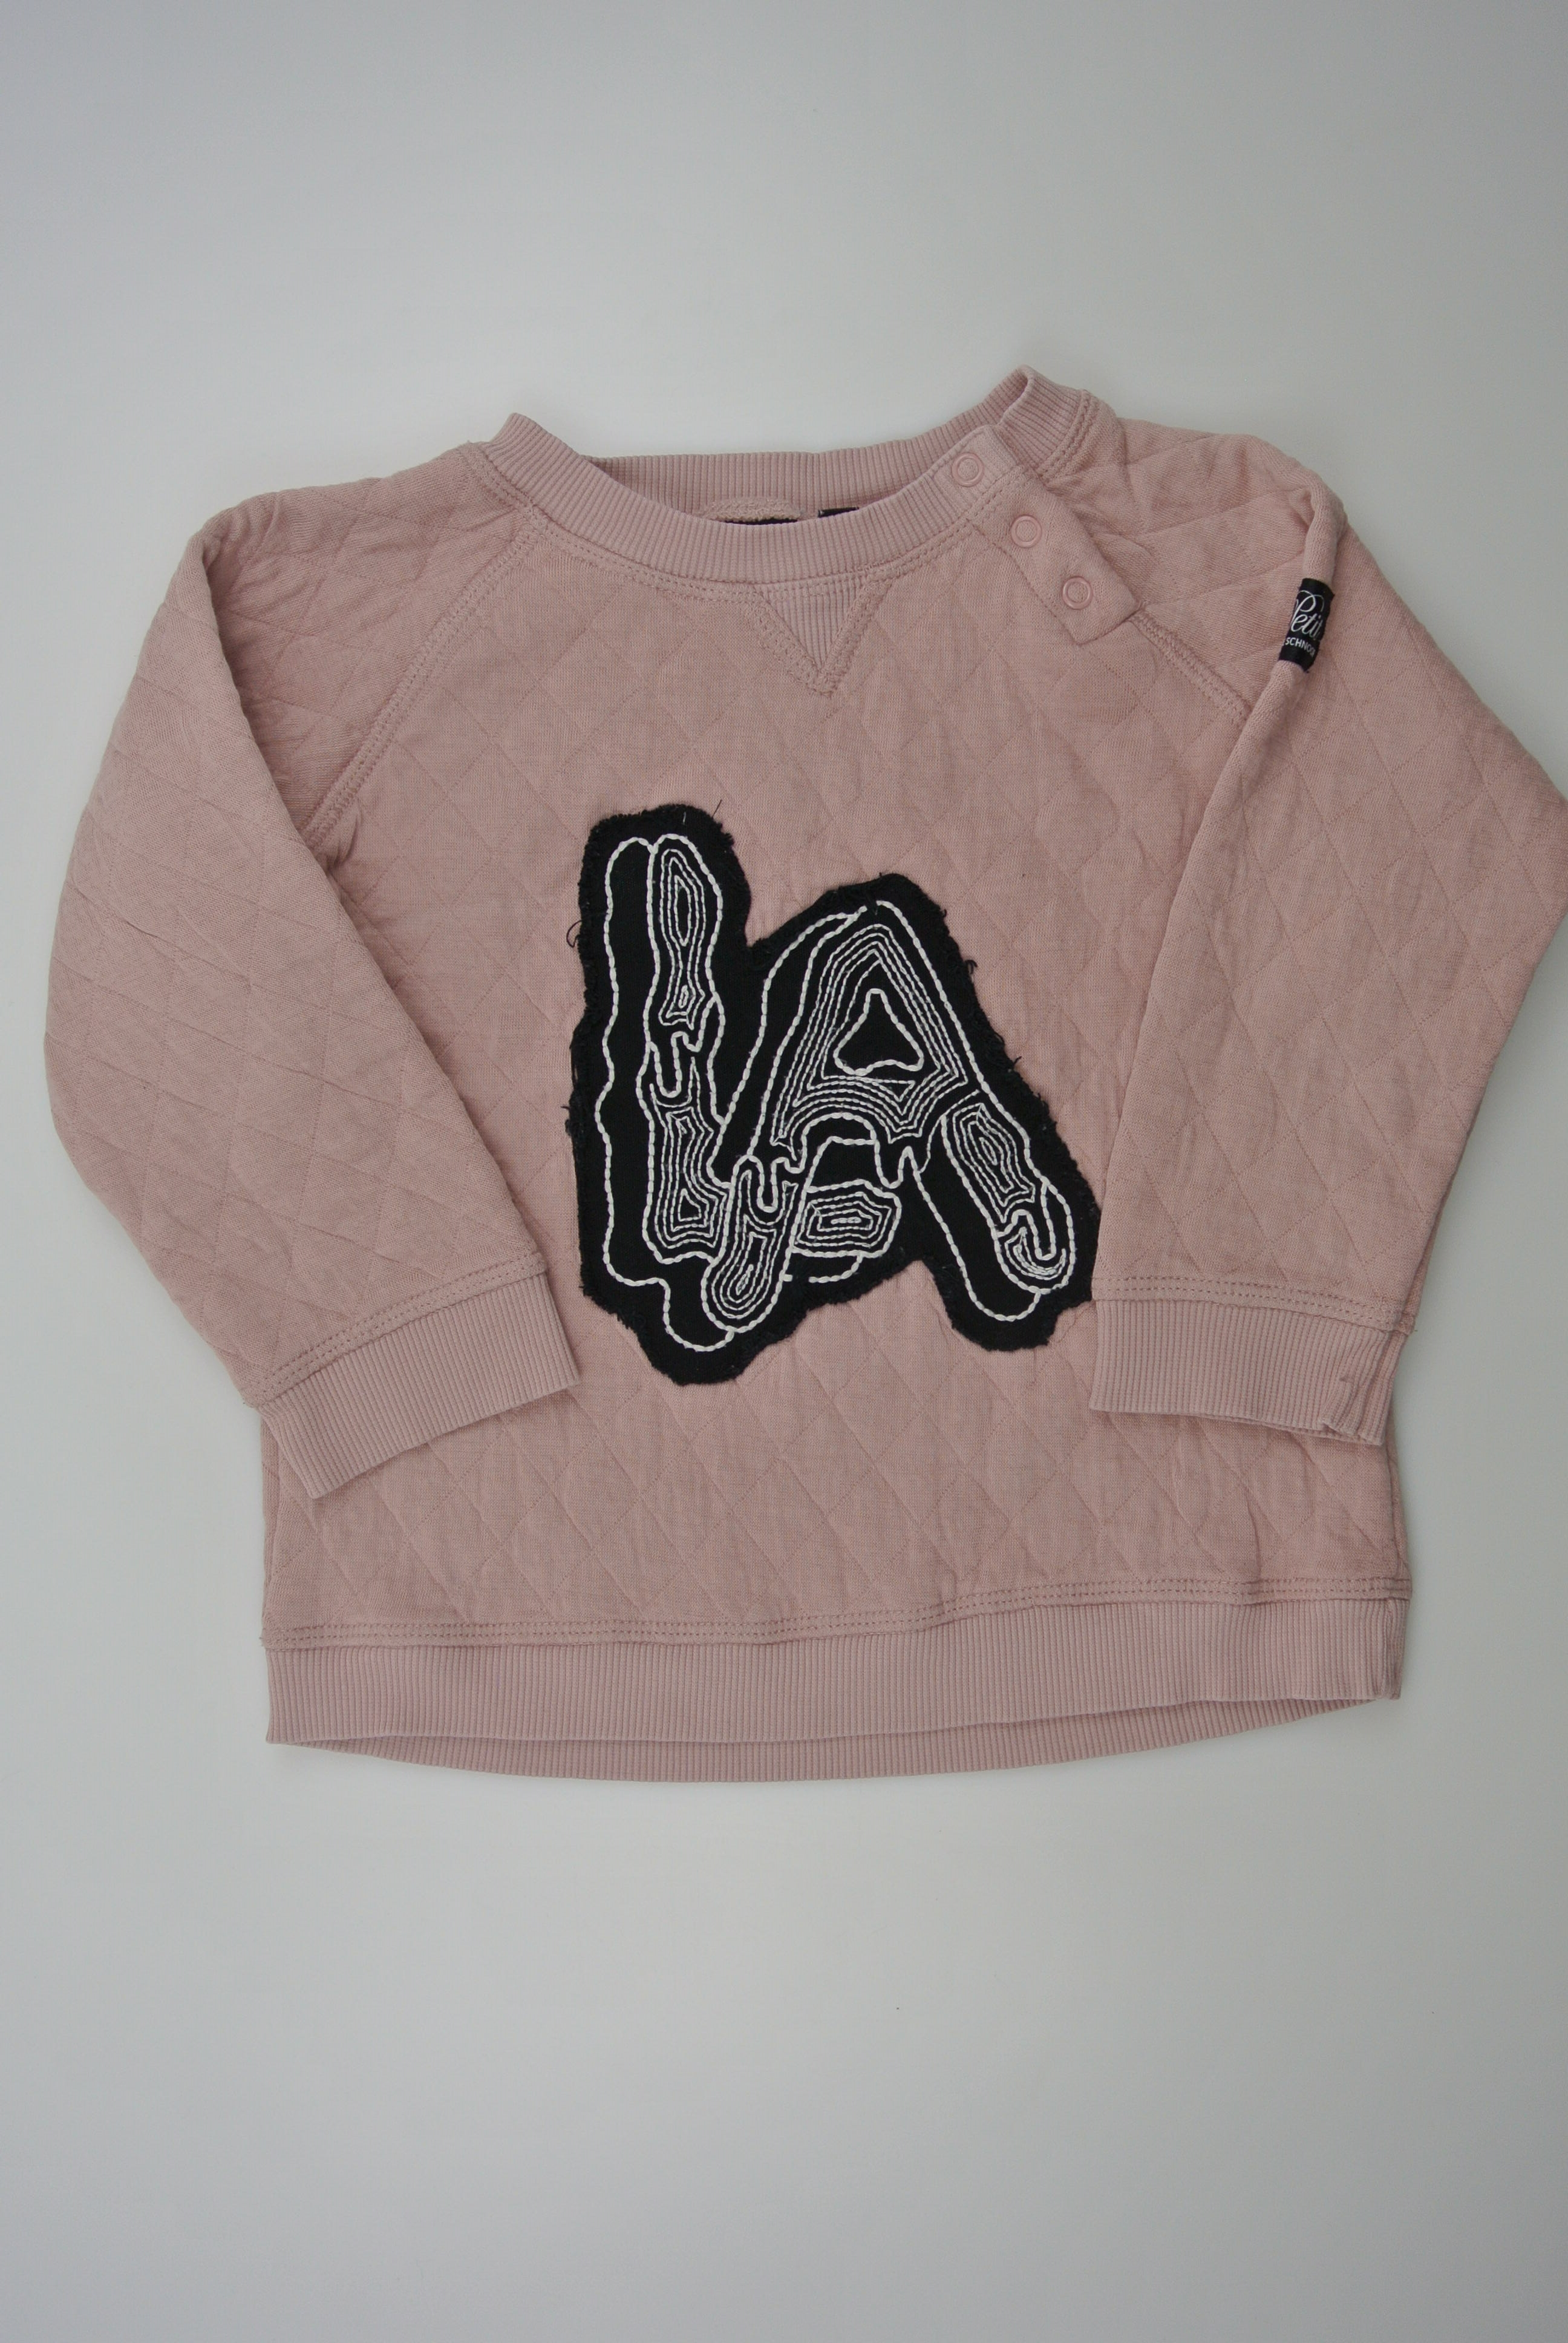 Petit by sofie schnoor trøje str 86 pige